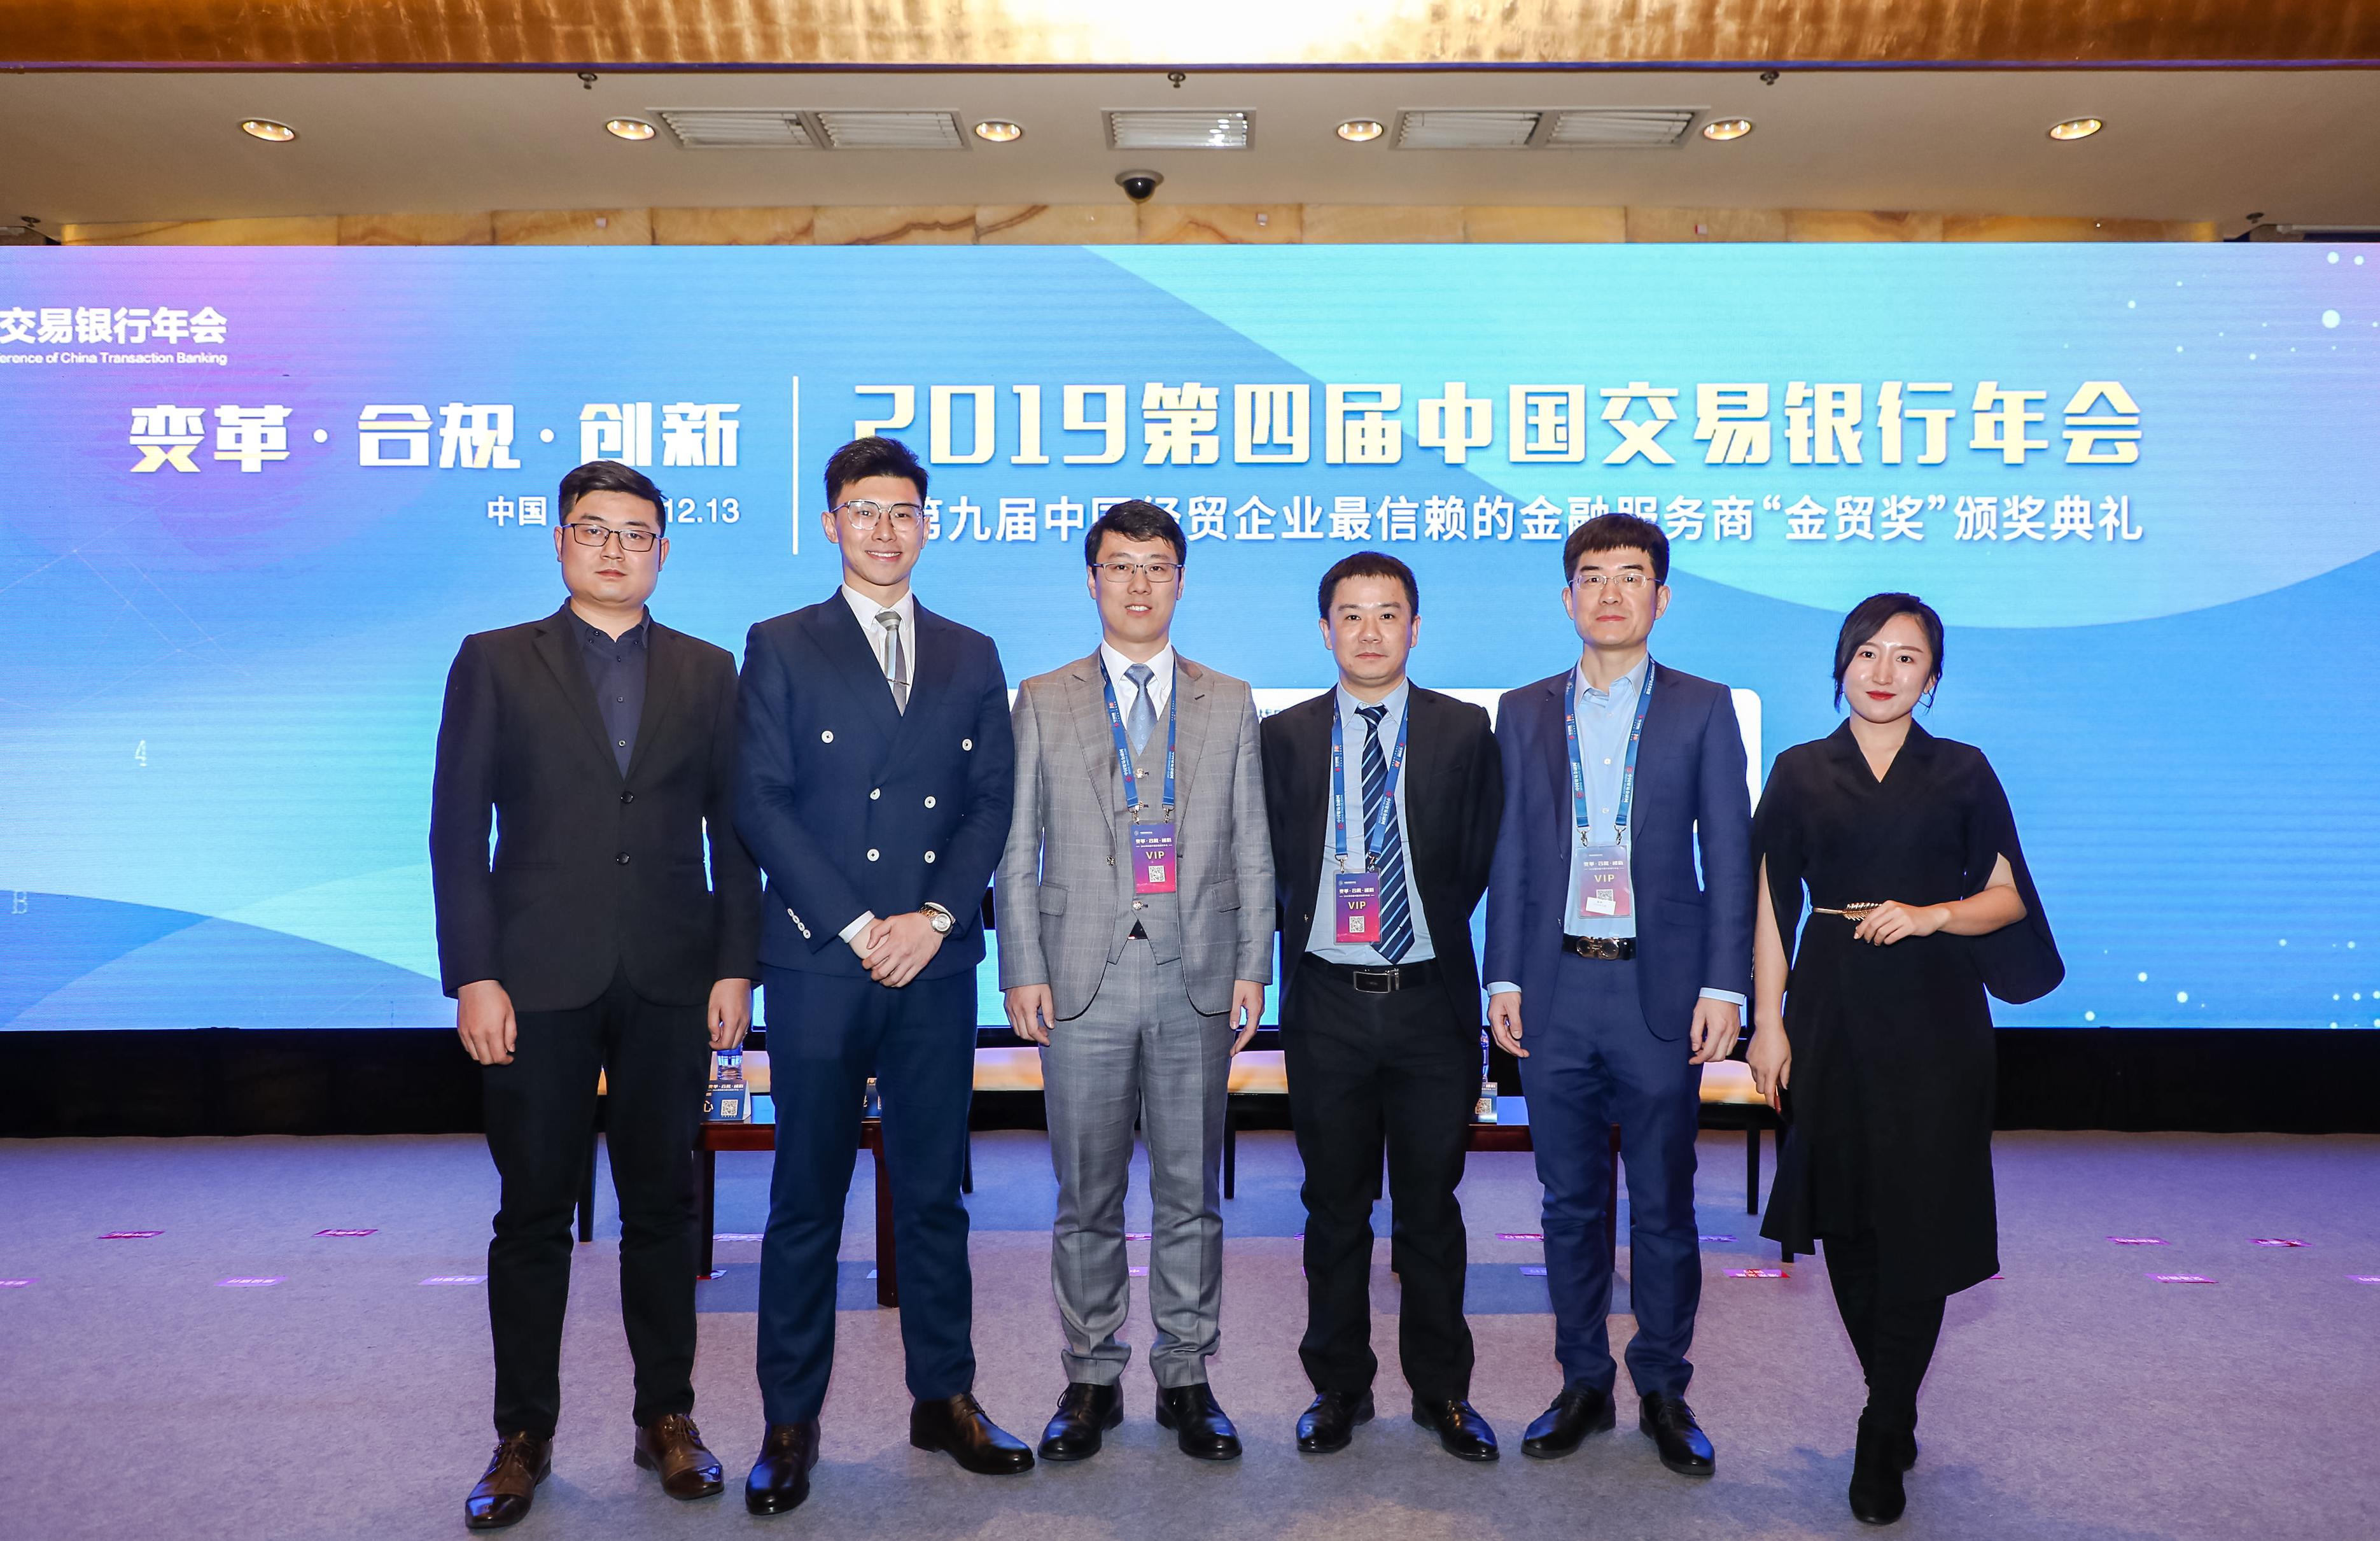 U&I受邀助力国内银行业顶尖盛会跨境合规建设—第四届中国交易银行年会在京举办